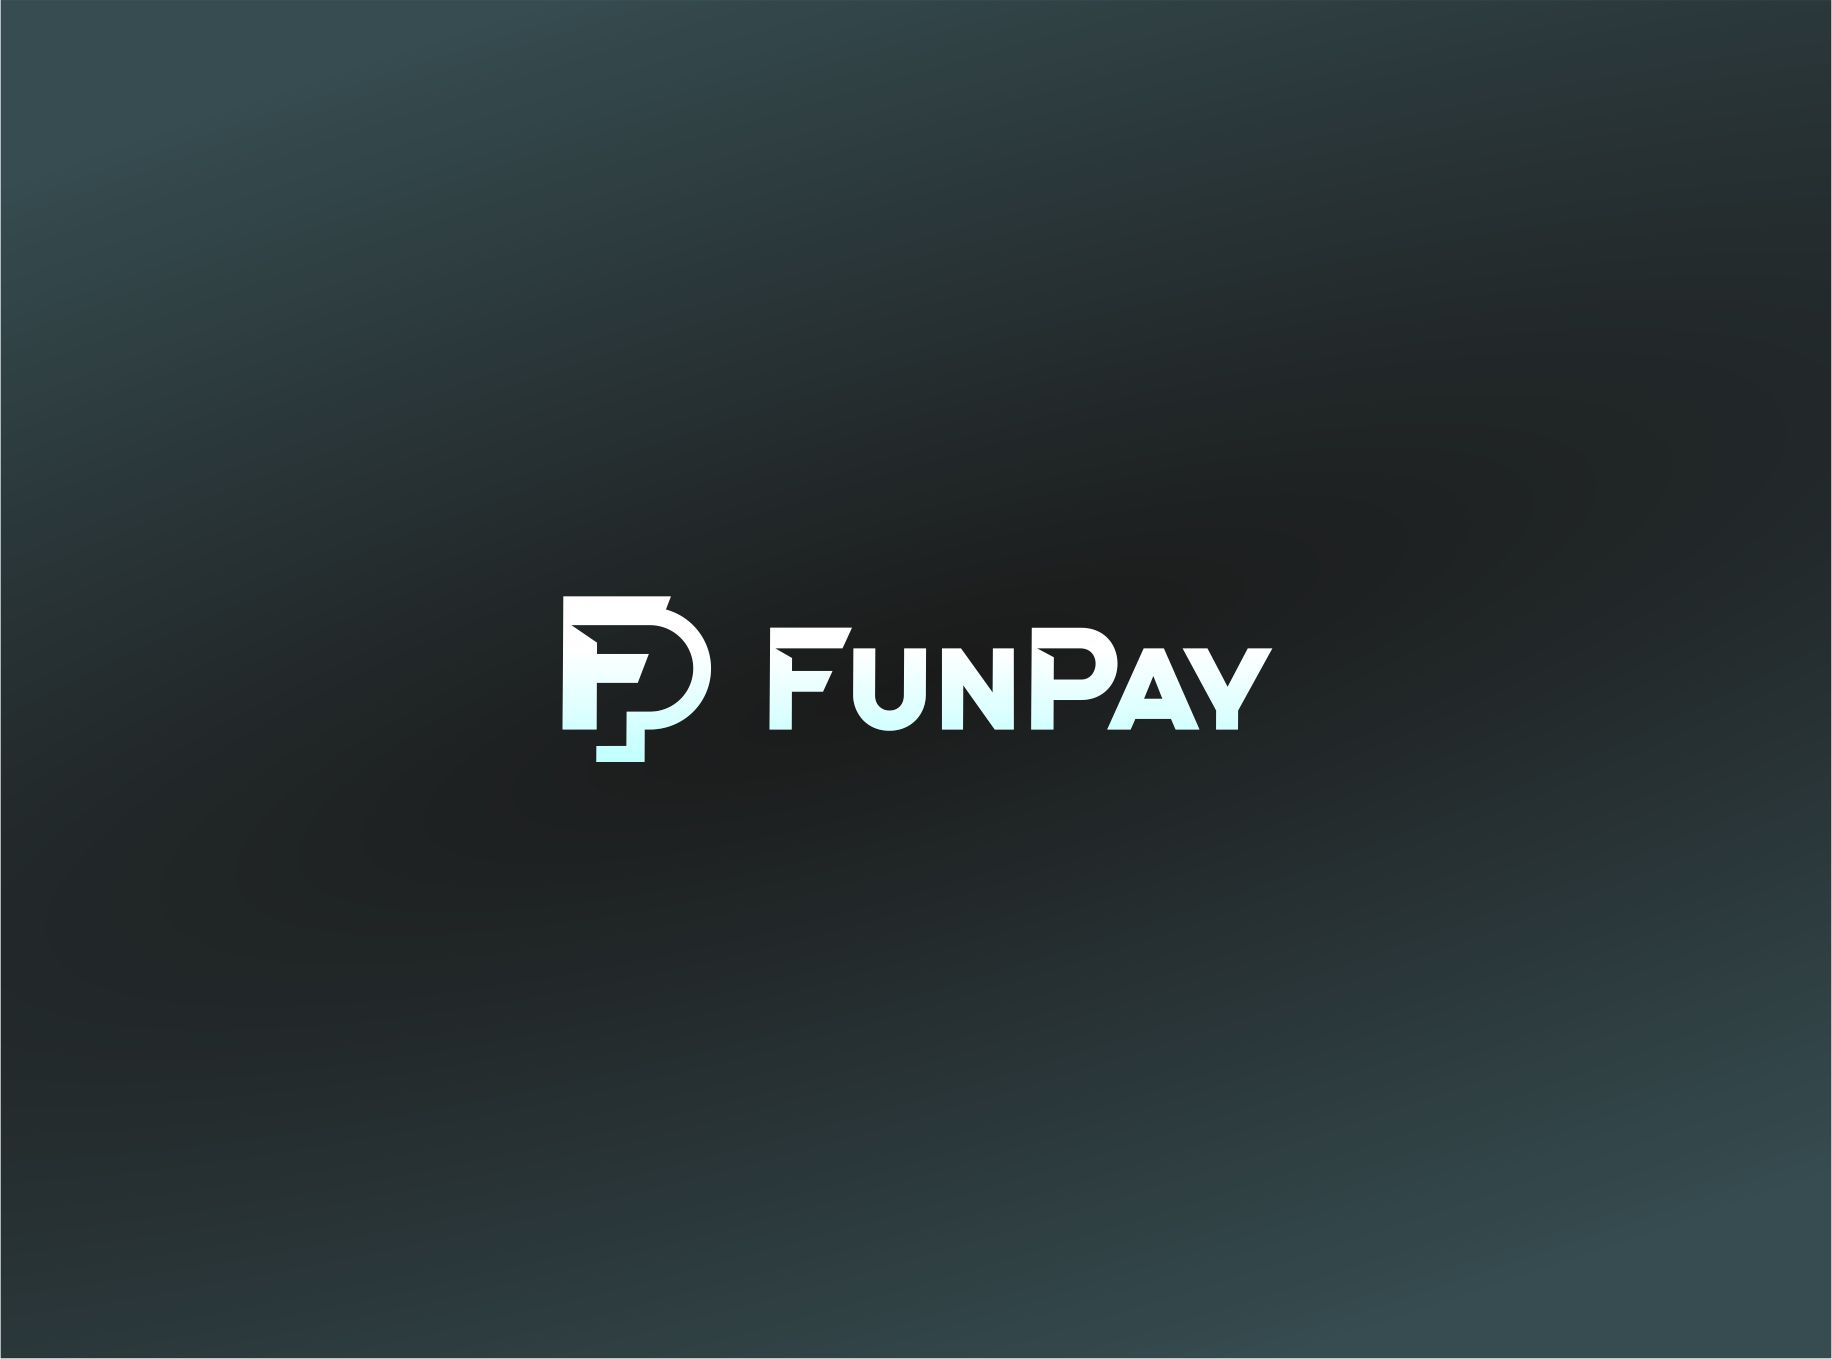 Логотип для FunPay.ru фото f_527599fe2aae365a.jpg